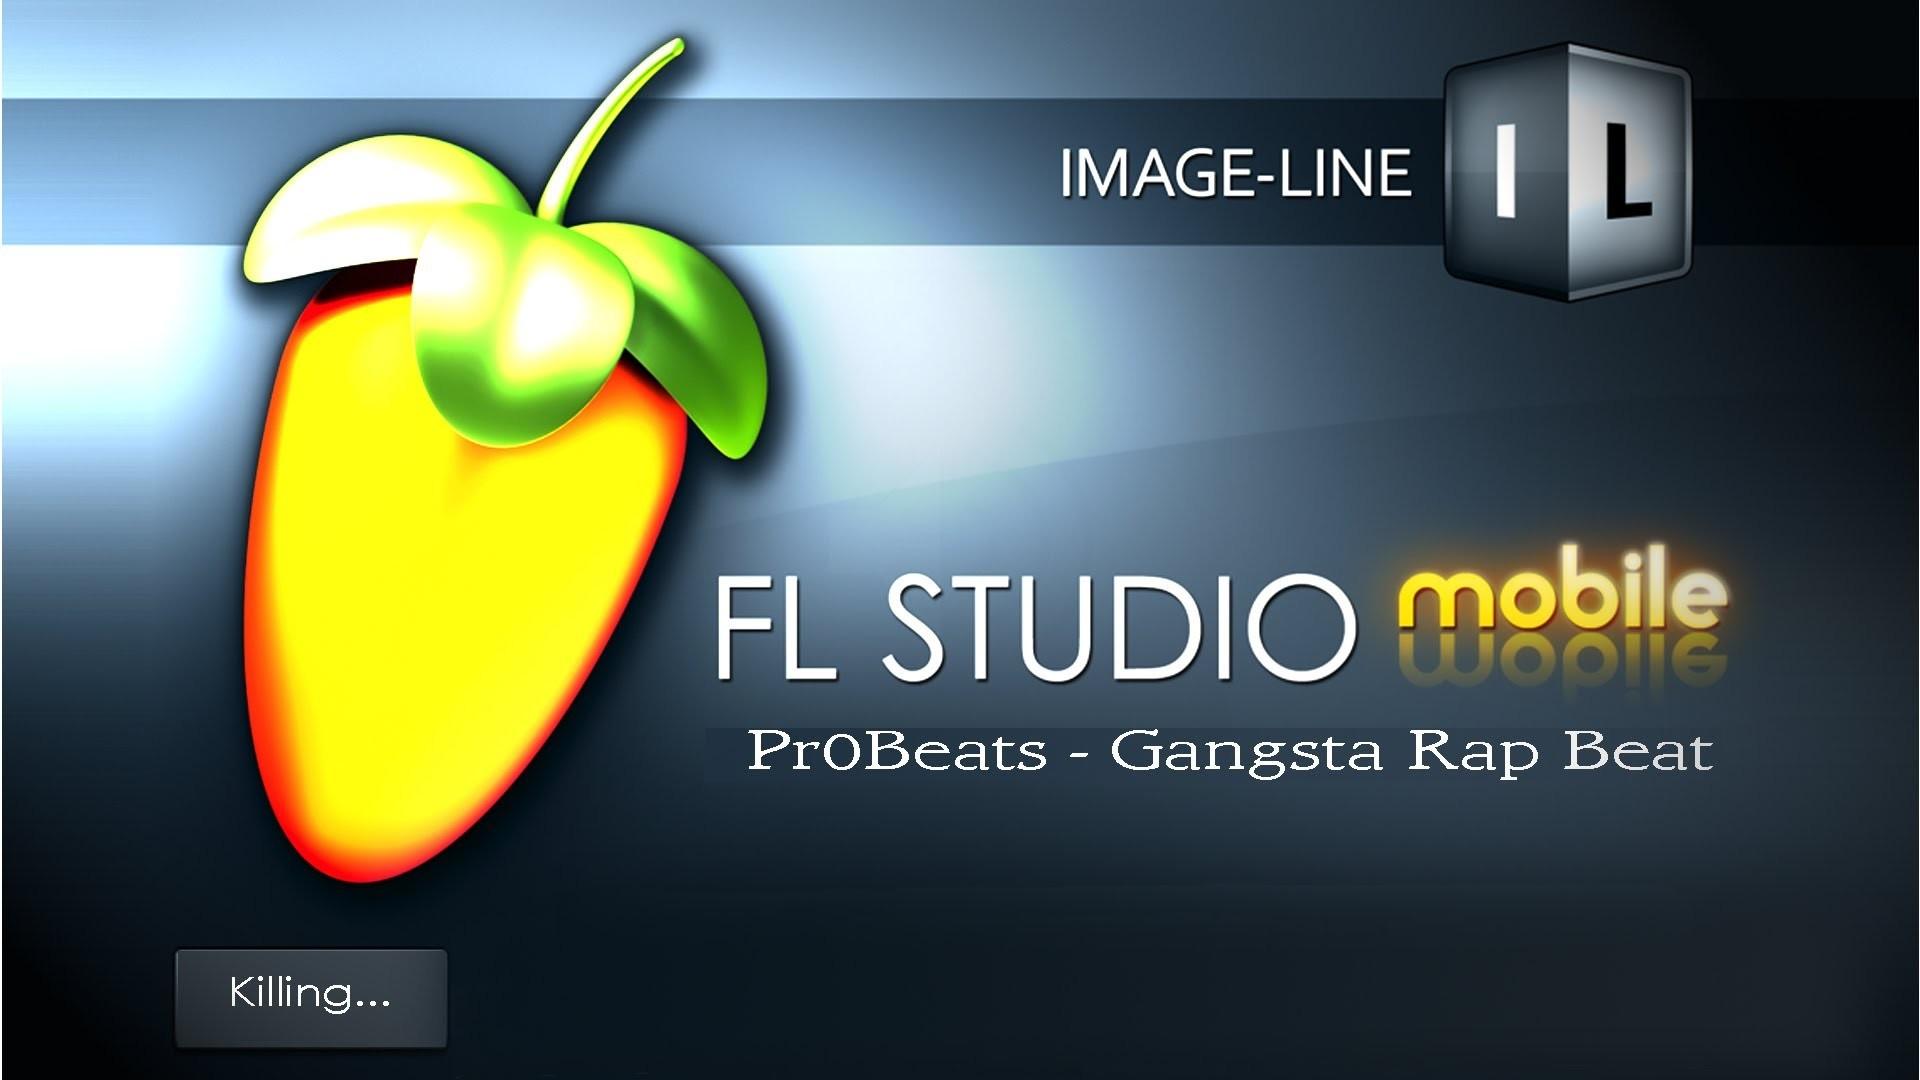 Gangsta Rap Beat (FL STUDIO mobile *Test*)(HD)